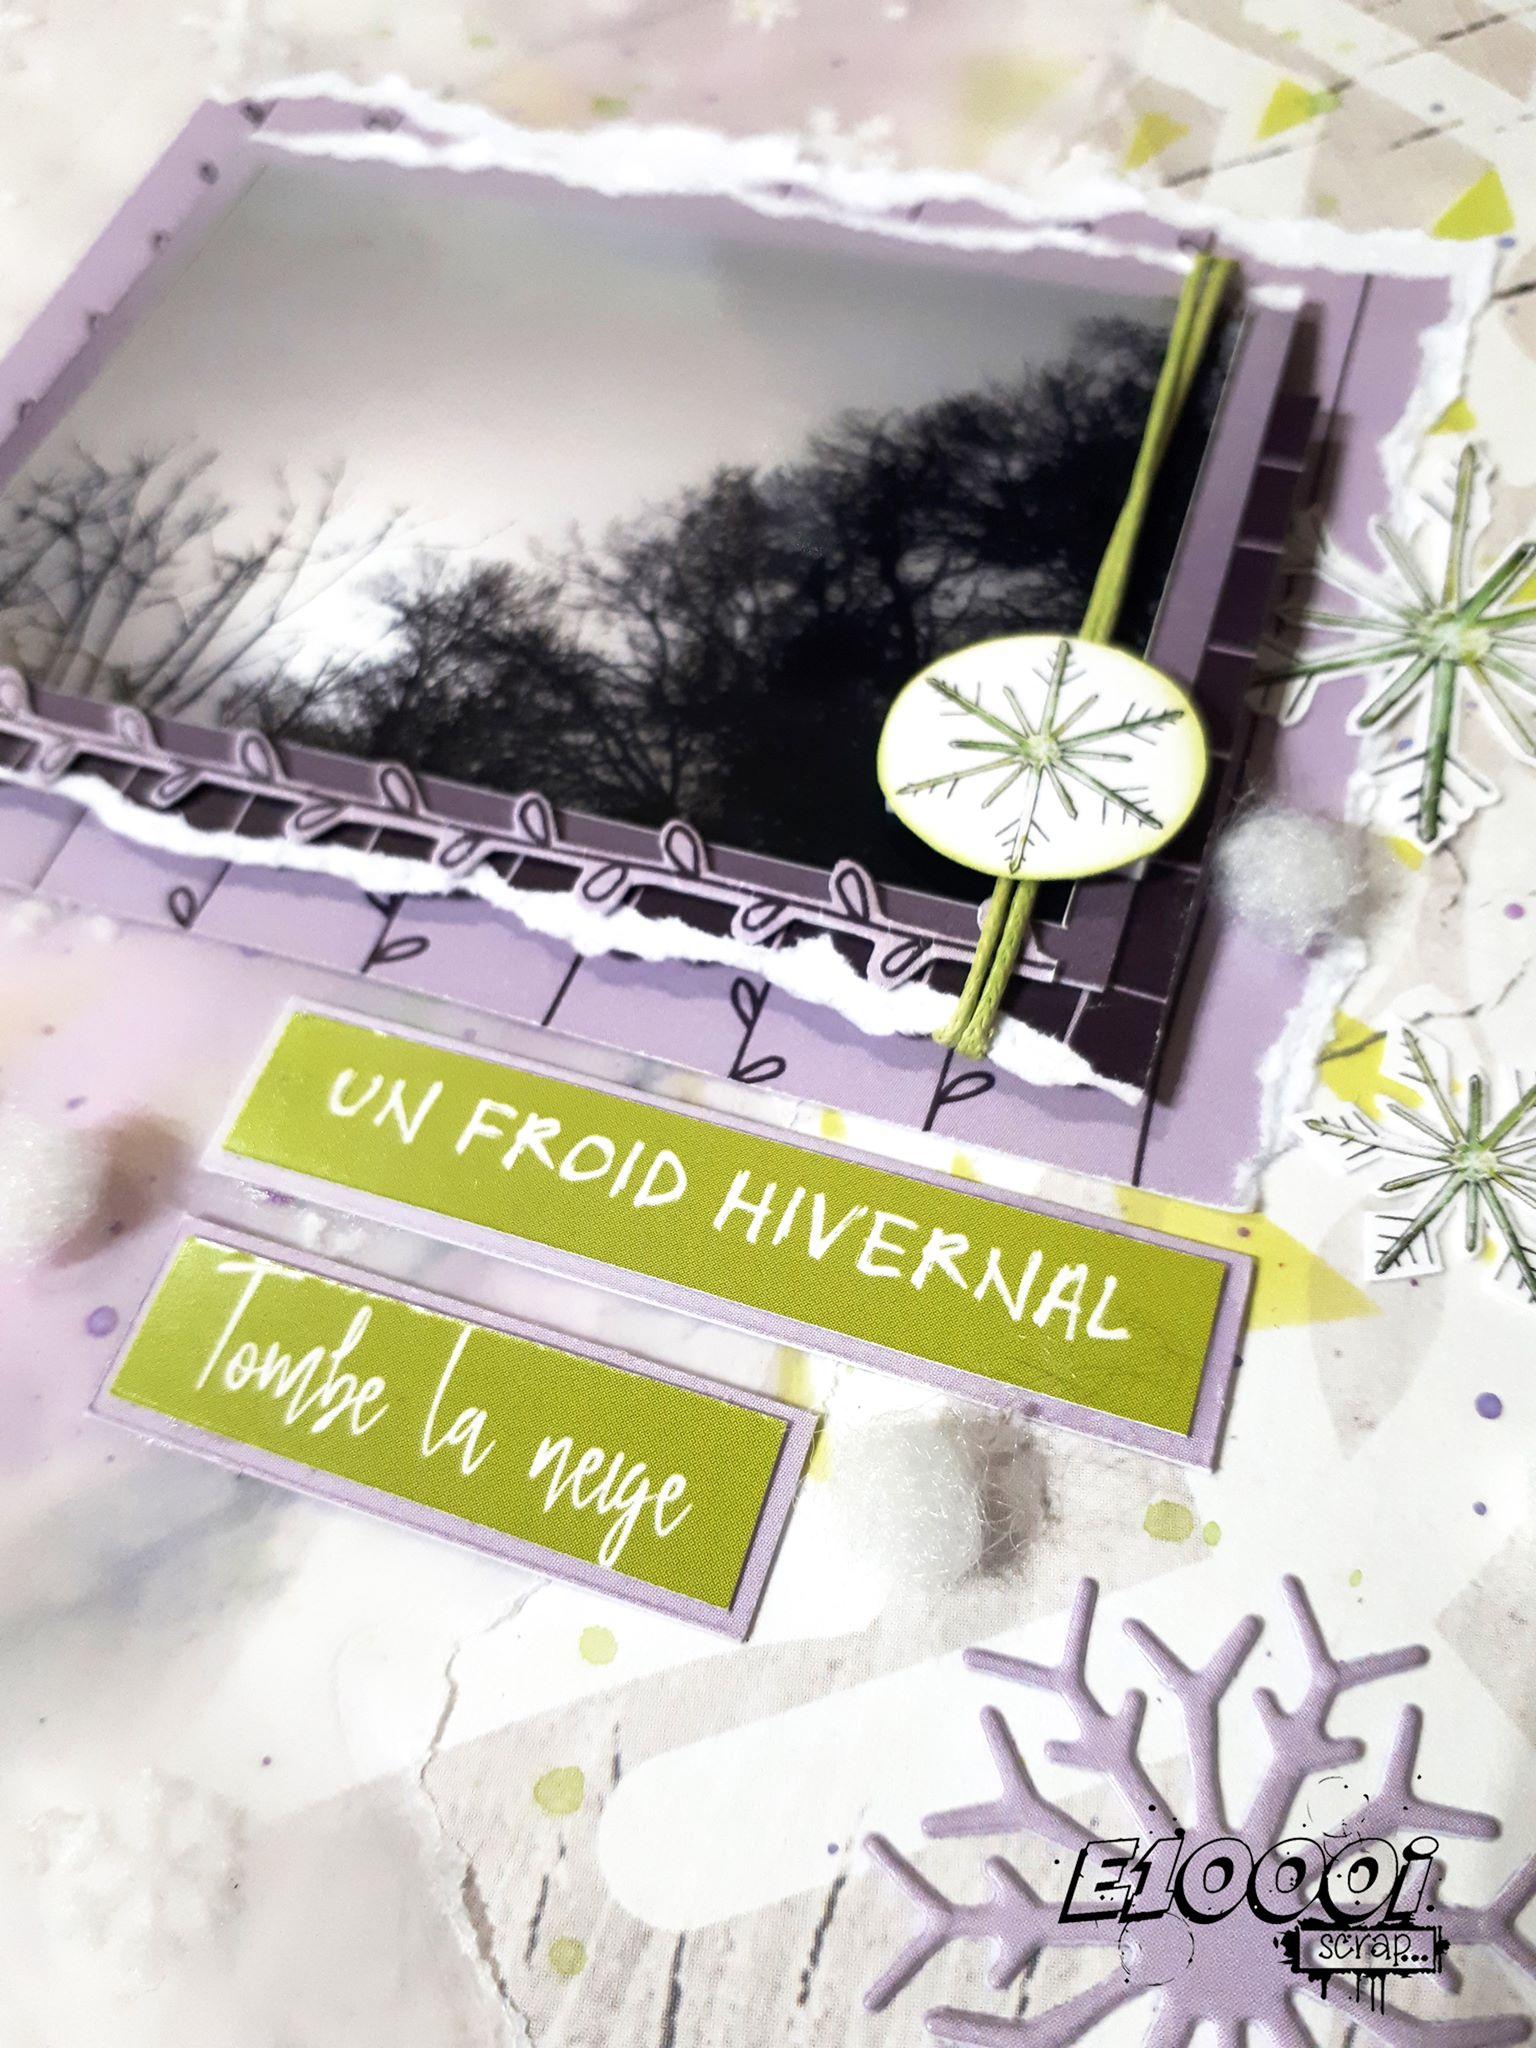 Le premier tuto d'Emilie Mennechet pour la Box de Février 2020: une page remplie de douceur et de fraicheur